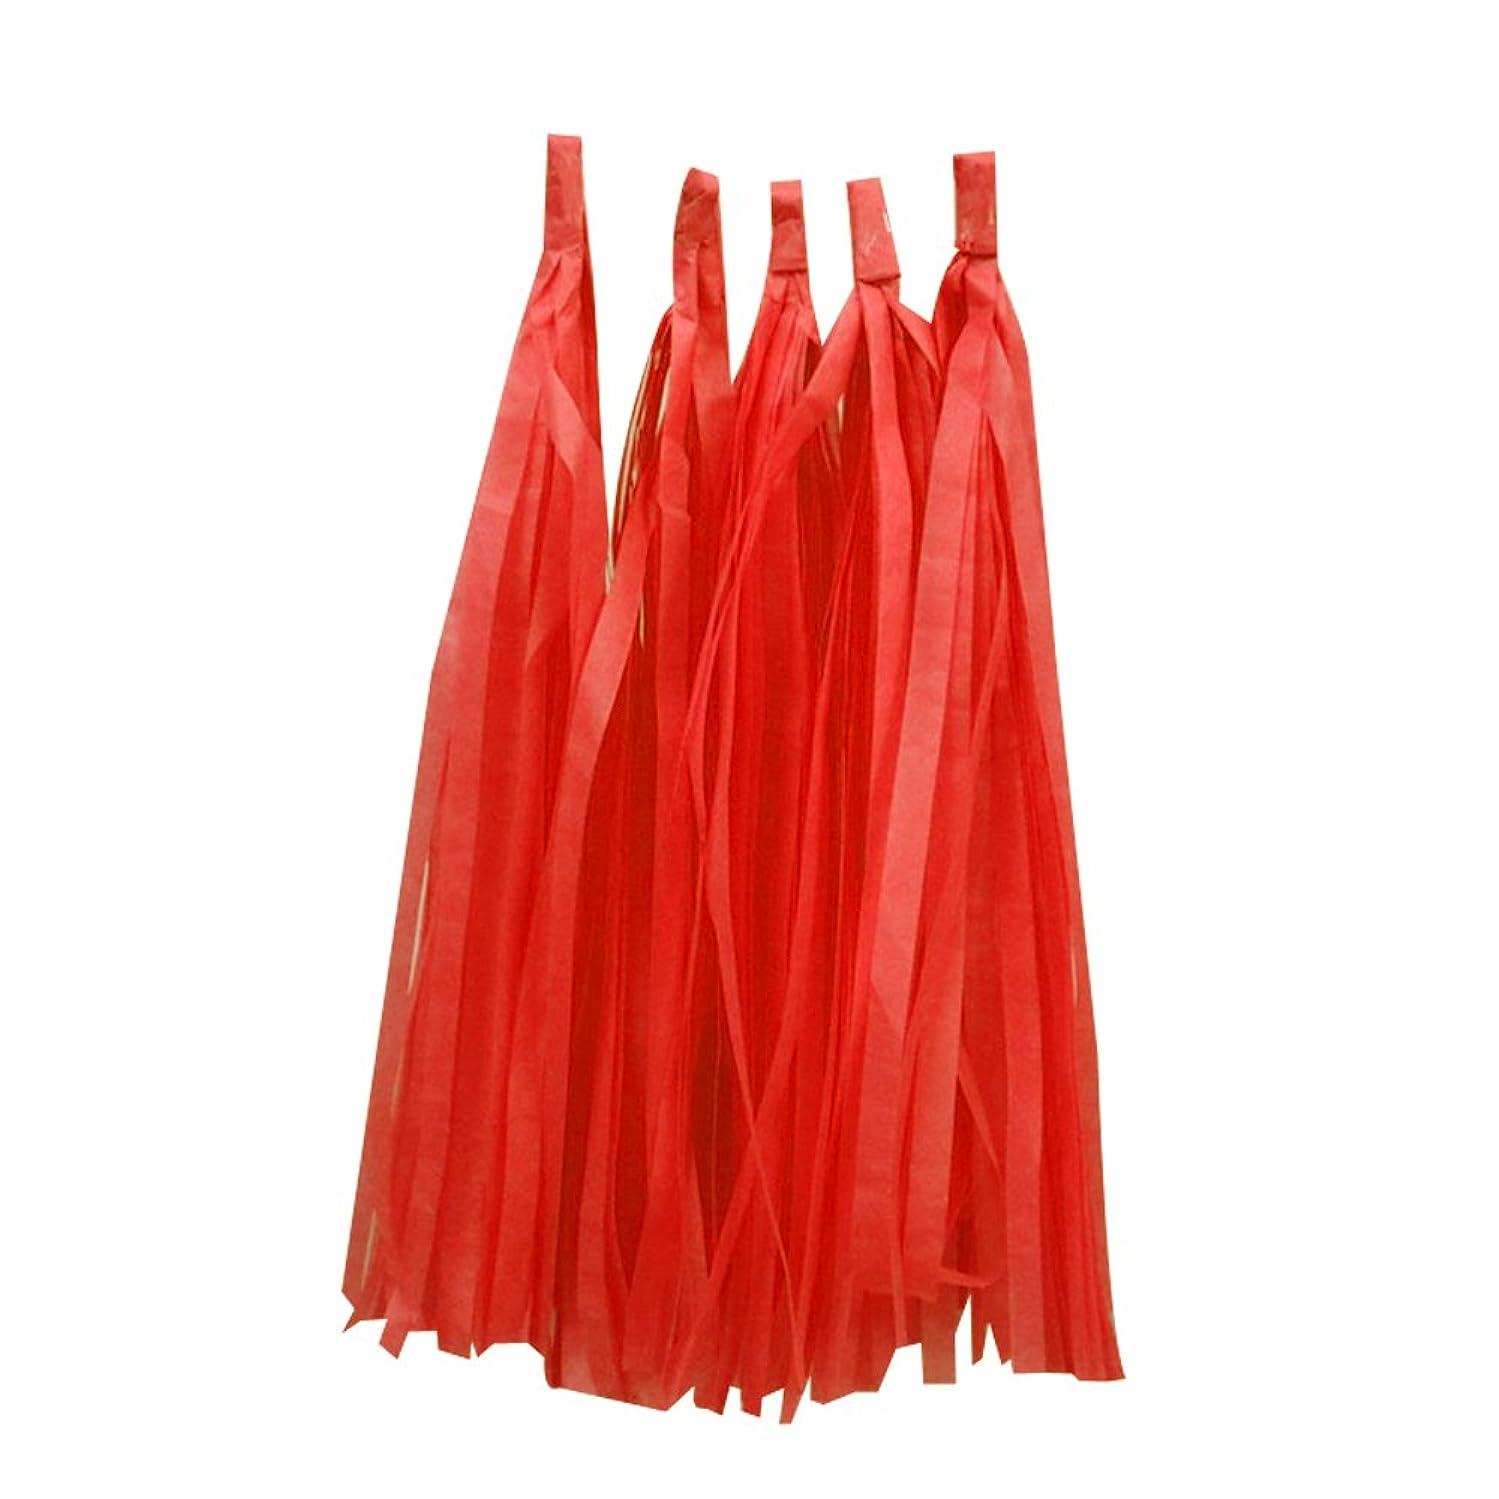 Estyle Fashion 10PCS Birthday Tissue Paper Tassel Garland for Baby Shower Party Wedding Decoration (Dark Orange)